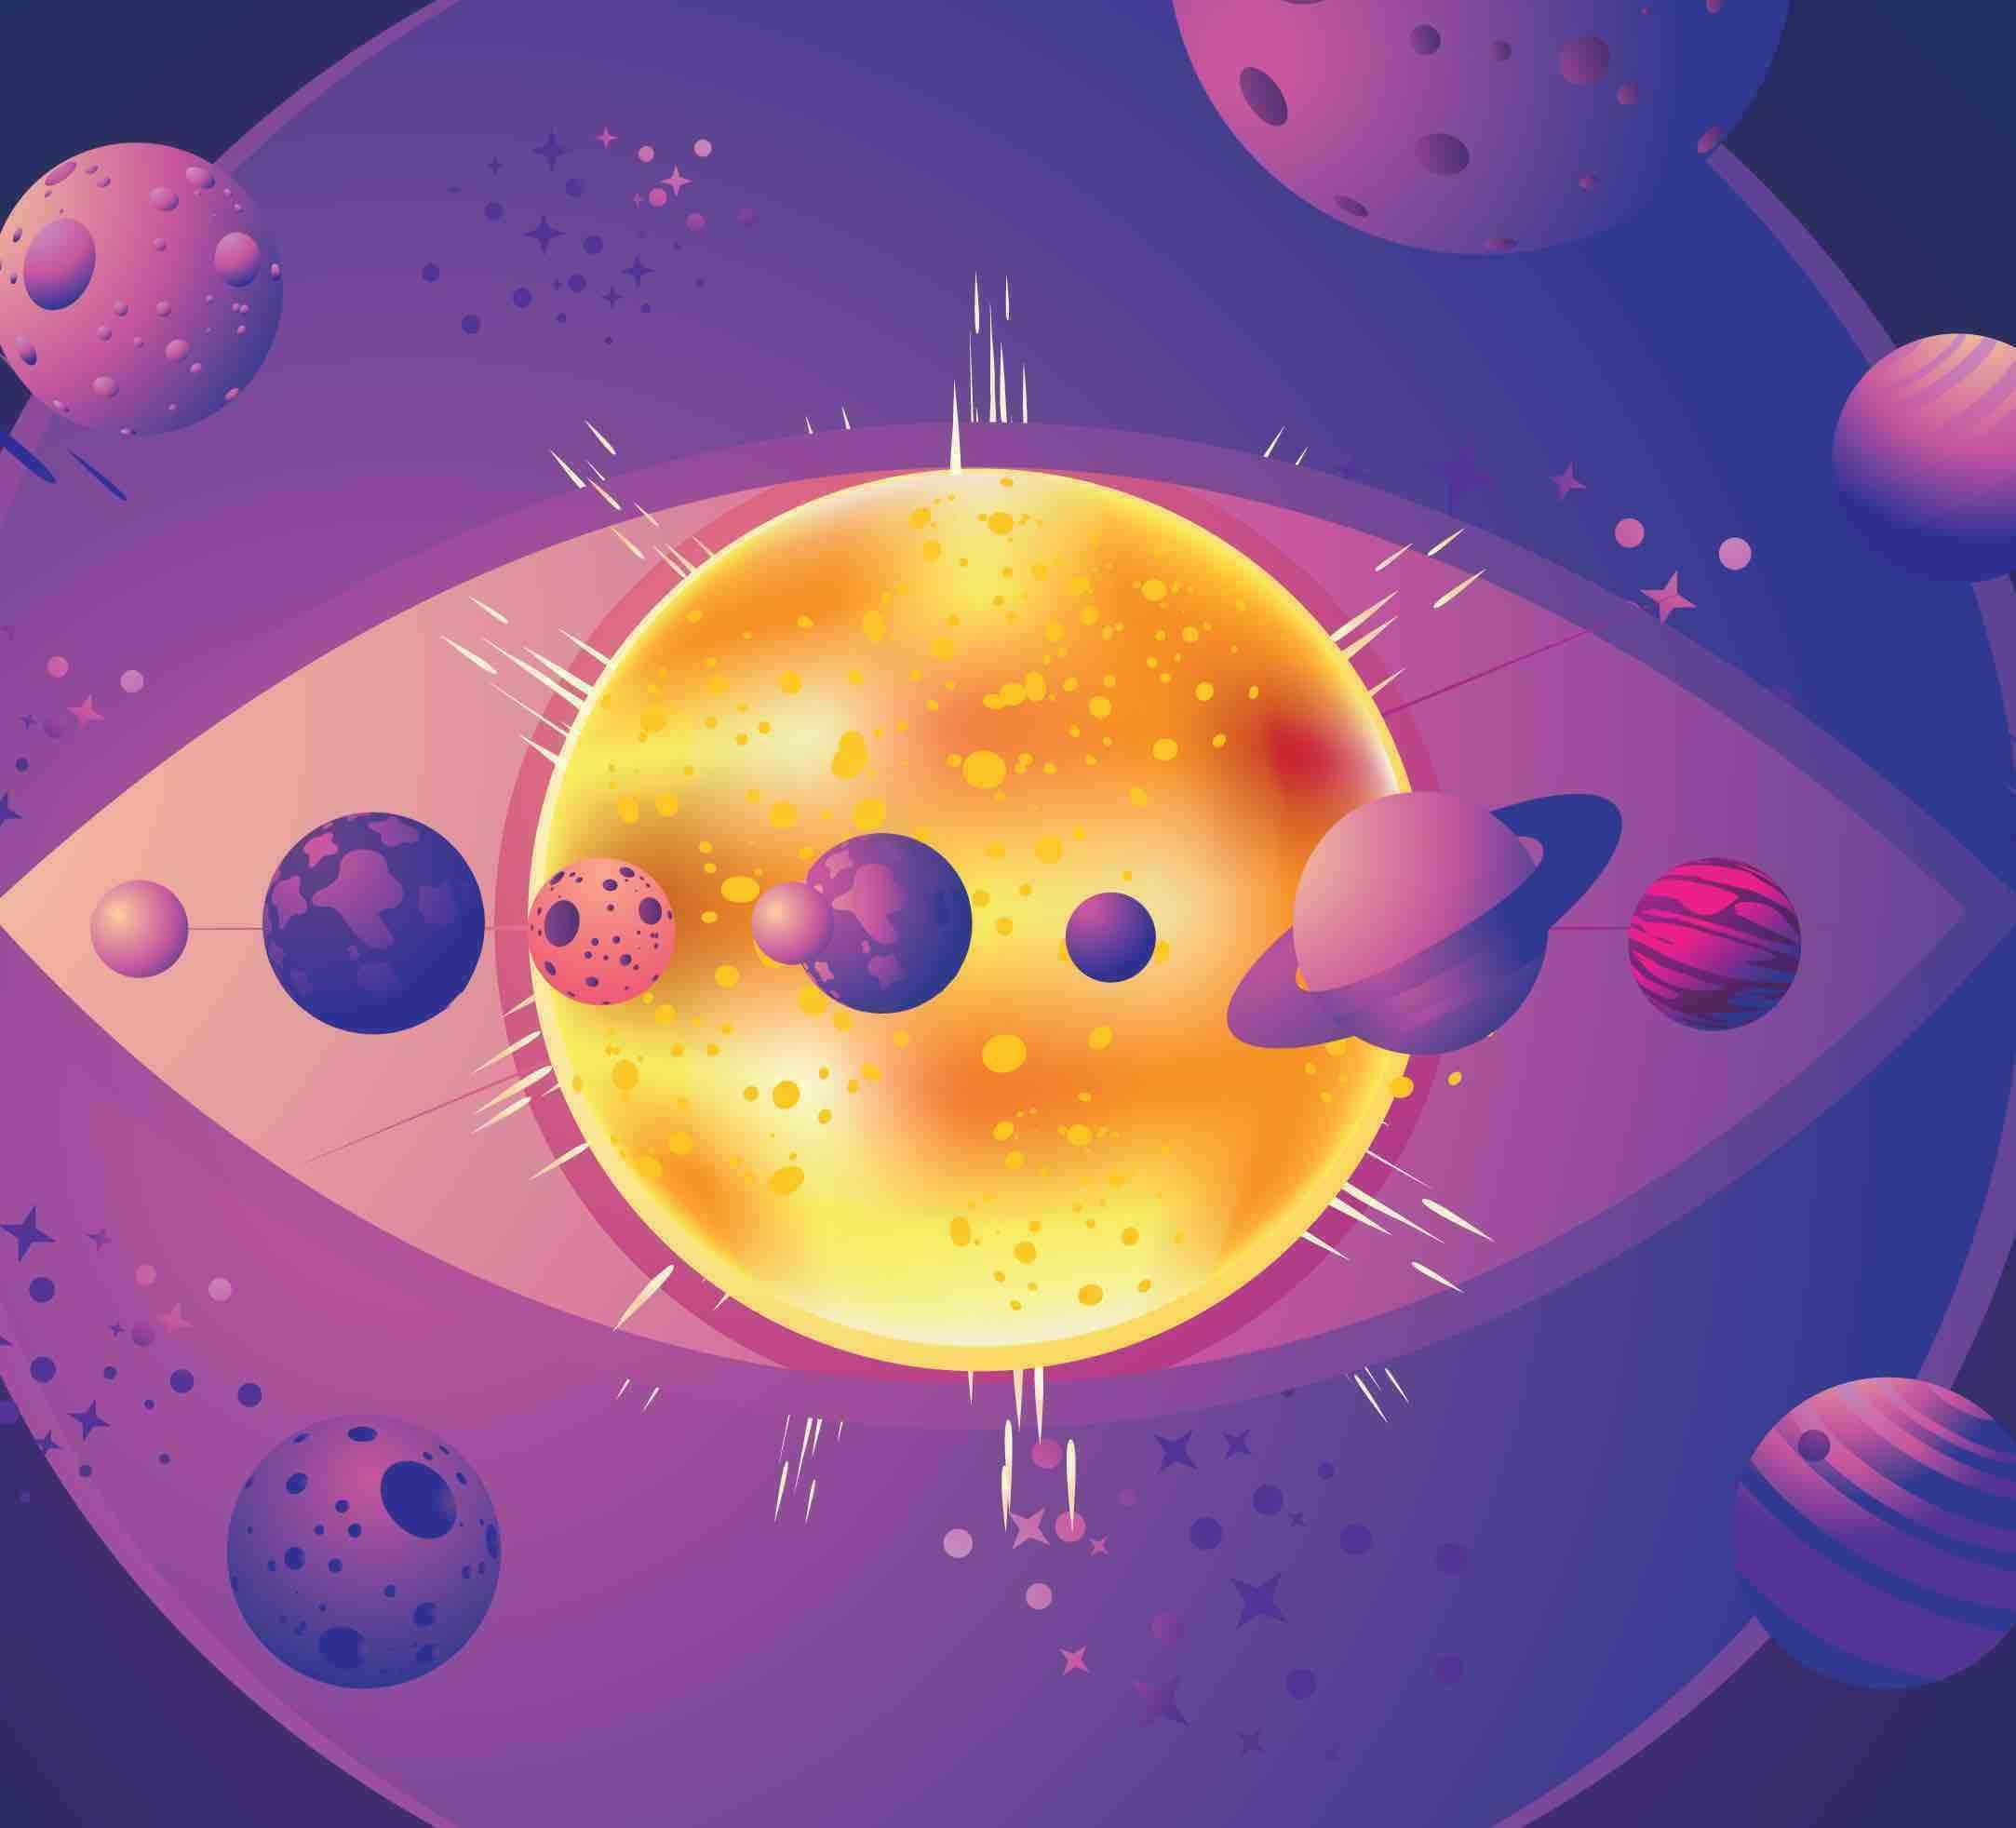 Oto planetarni Bogowie! Jeśli lubisz czytać horoskop, musisz ich poznać lepiej.